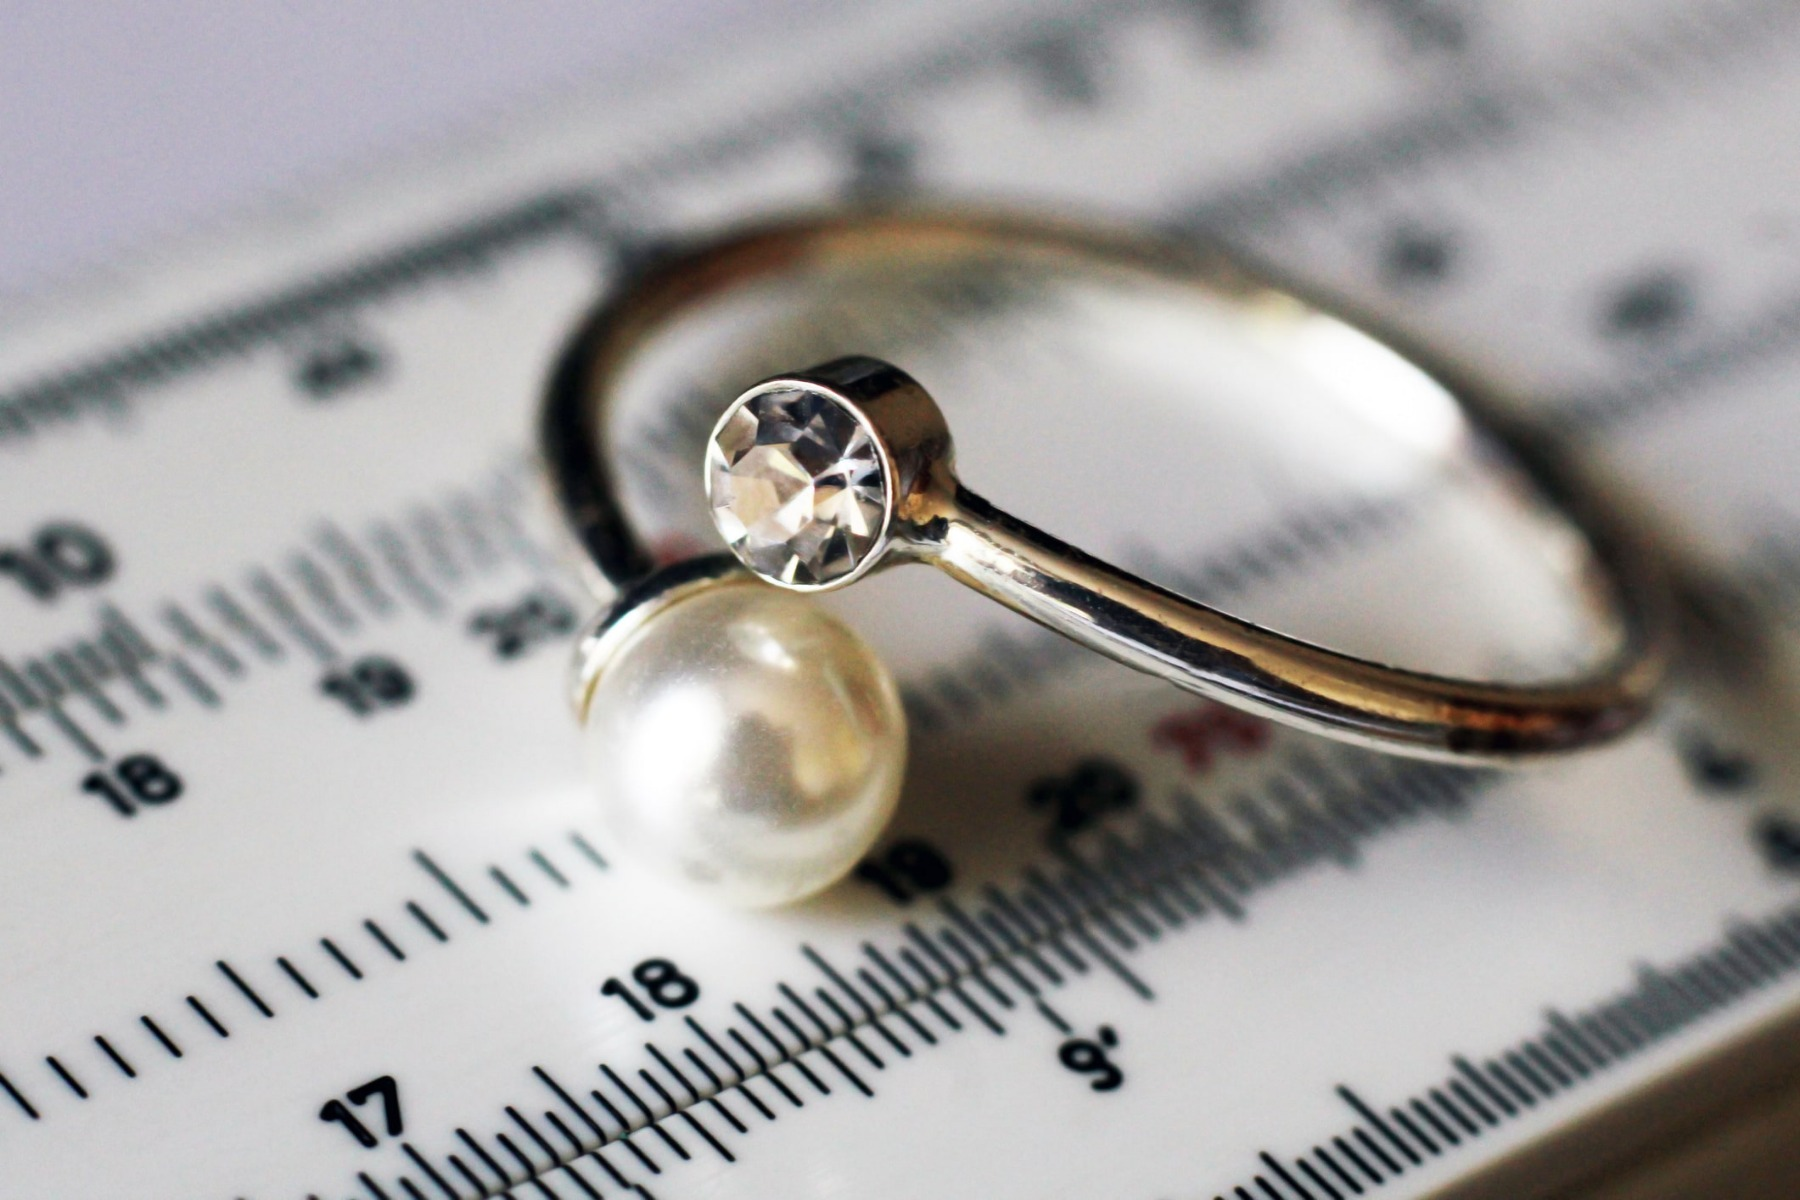 Misurare gli anelli